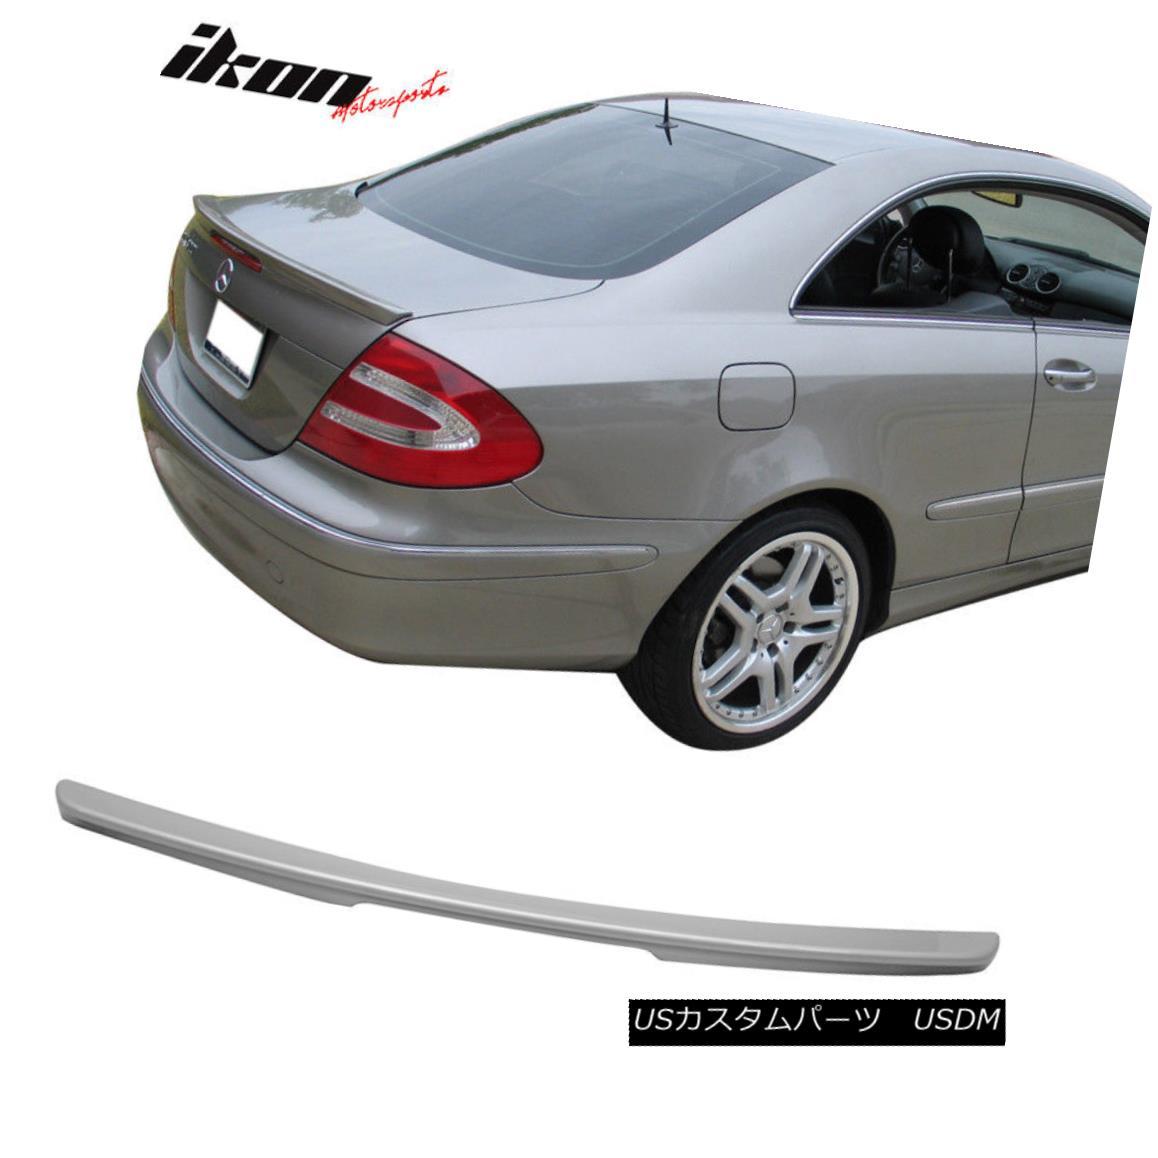 エアロパーツ Fits 03-08 CLK W209 Coupe AMG Trunk Spoiler Painted Silver Metallic #744 775 フィット03-08 CLK W209クーペAMGトランクスポイラーペイントシルバーメタリック#744 775